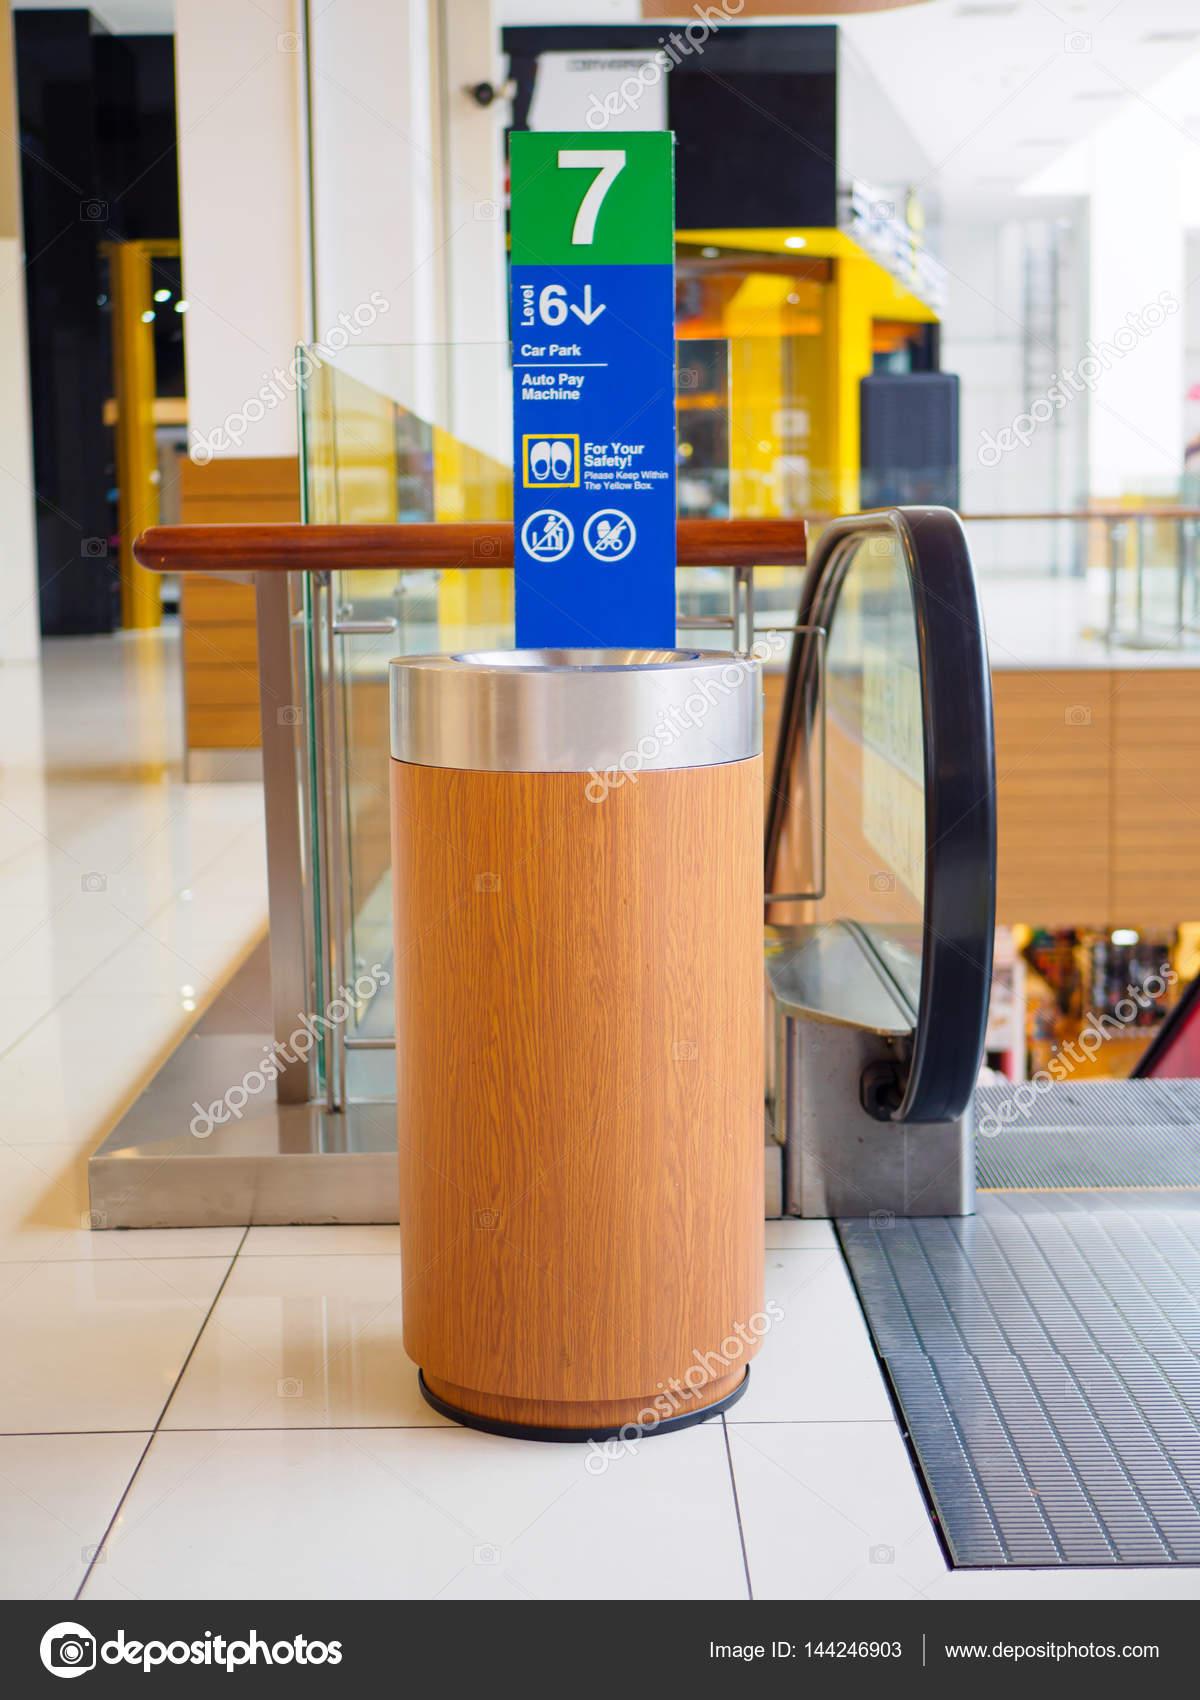 Uitzonderlijk houten prullenbak kan in grote winkelcentrum — Stockfoto UK61